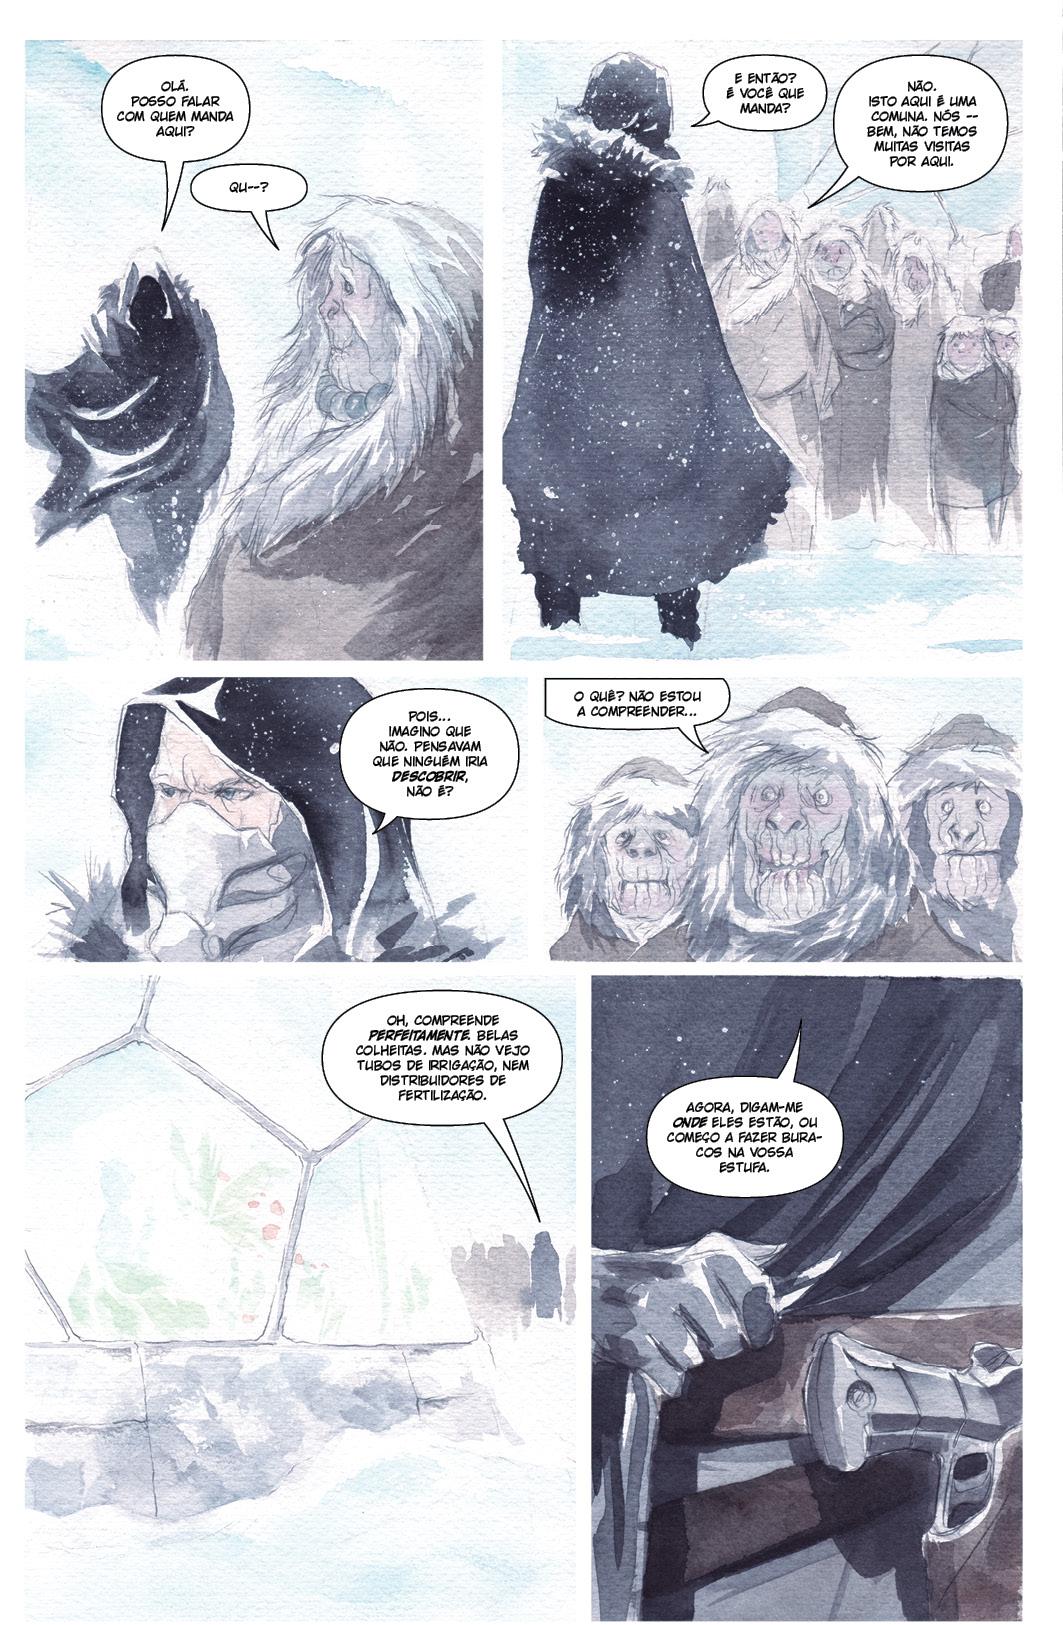 DESCENDER vol. 2: LUA MÁQUINA